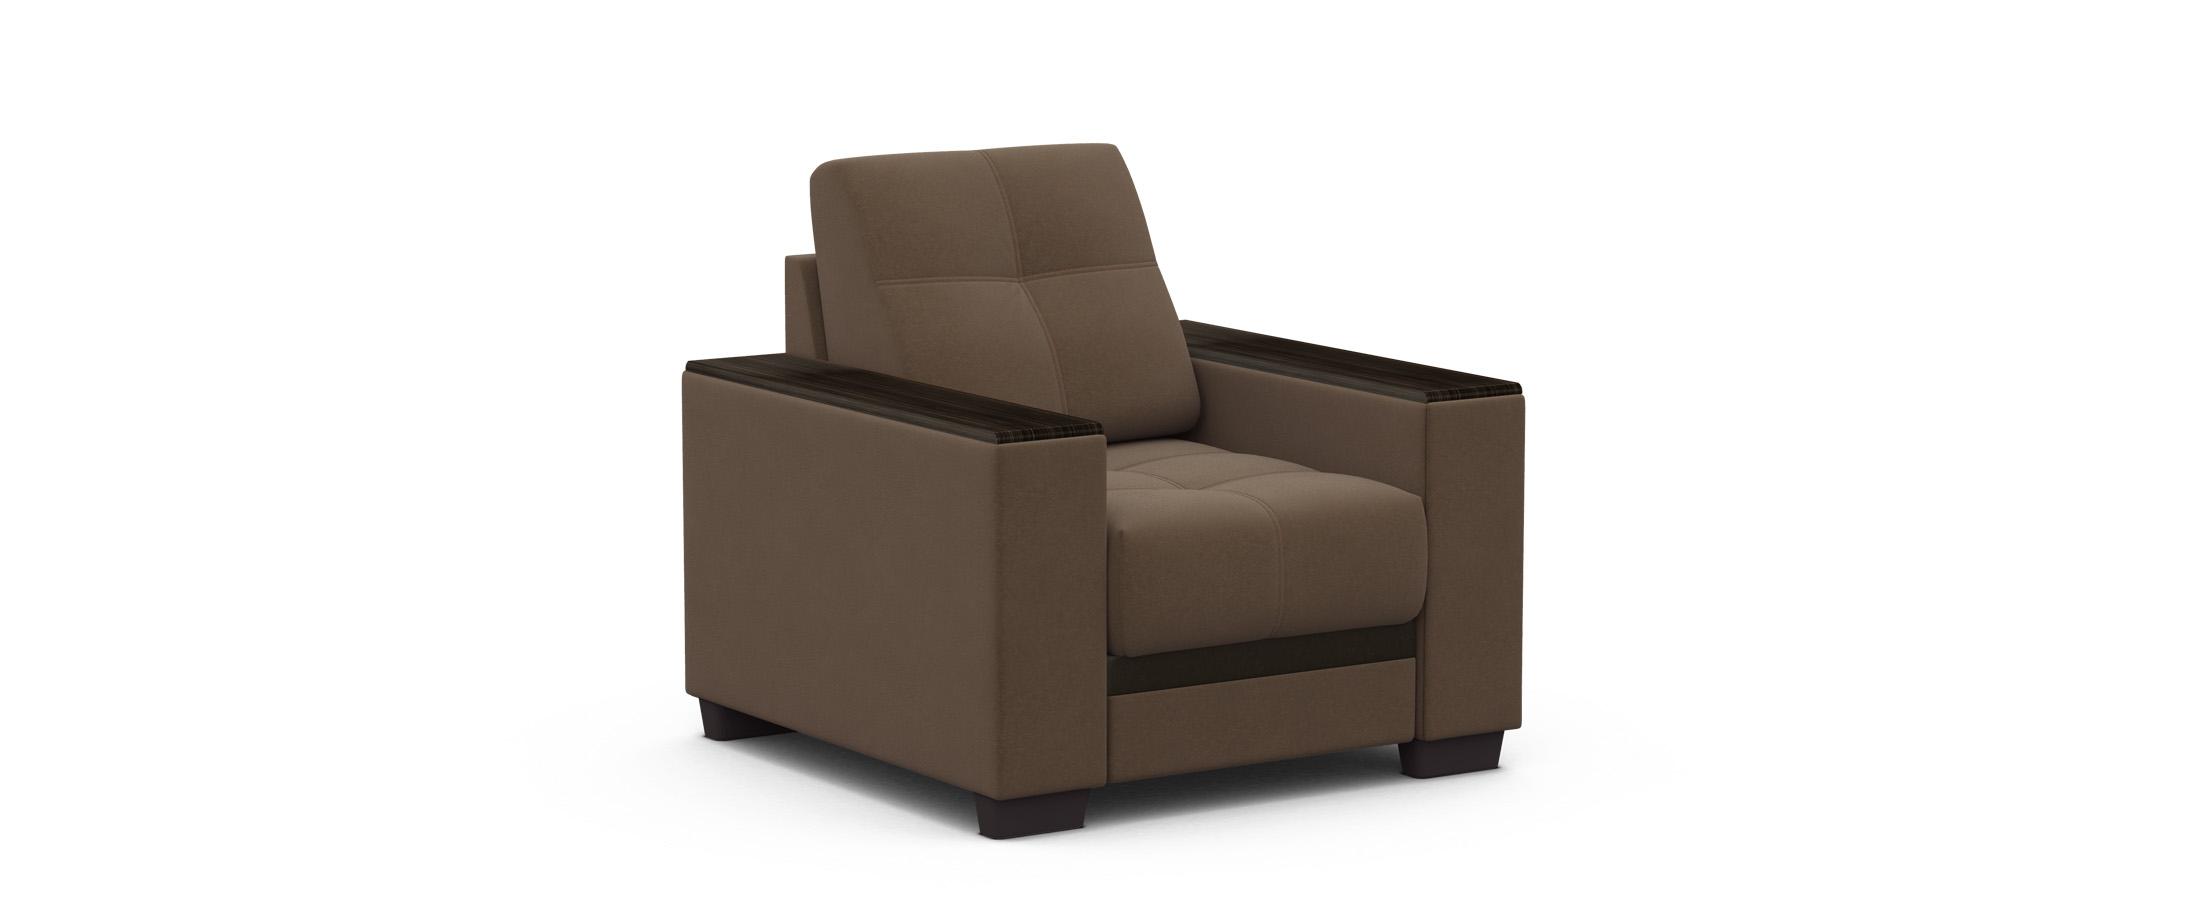 Кресло тканевое Атланта 066Купить коричневое кресло-кровать Атланта 066. Доставка от 1 дня. Подъём, сборка, вынос упаковки. Гарантия 18 месяцев. Интернет-магазин мебели MOON-TRADE.RU<br>